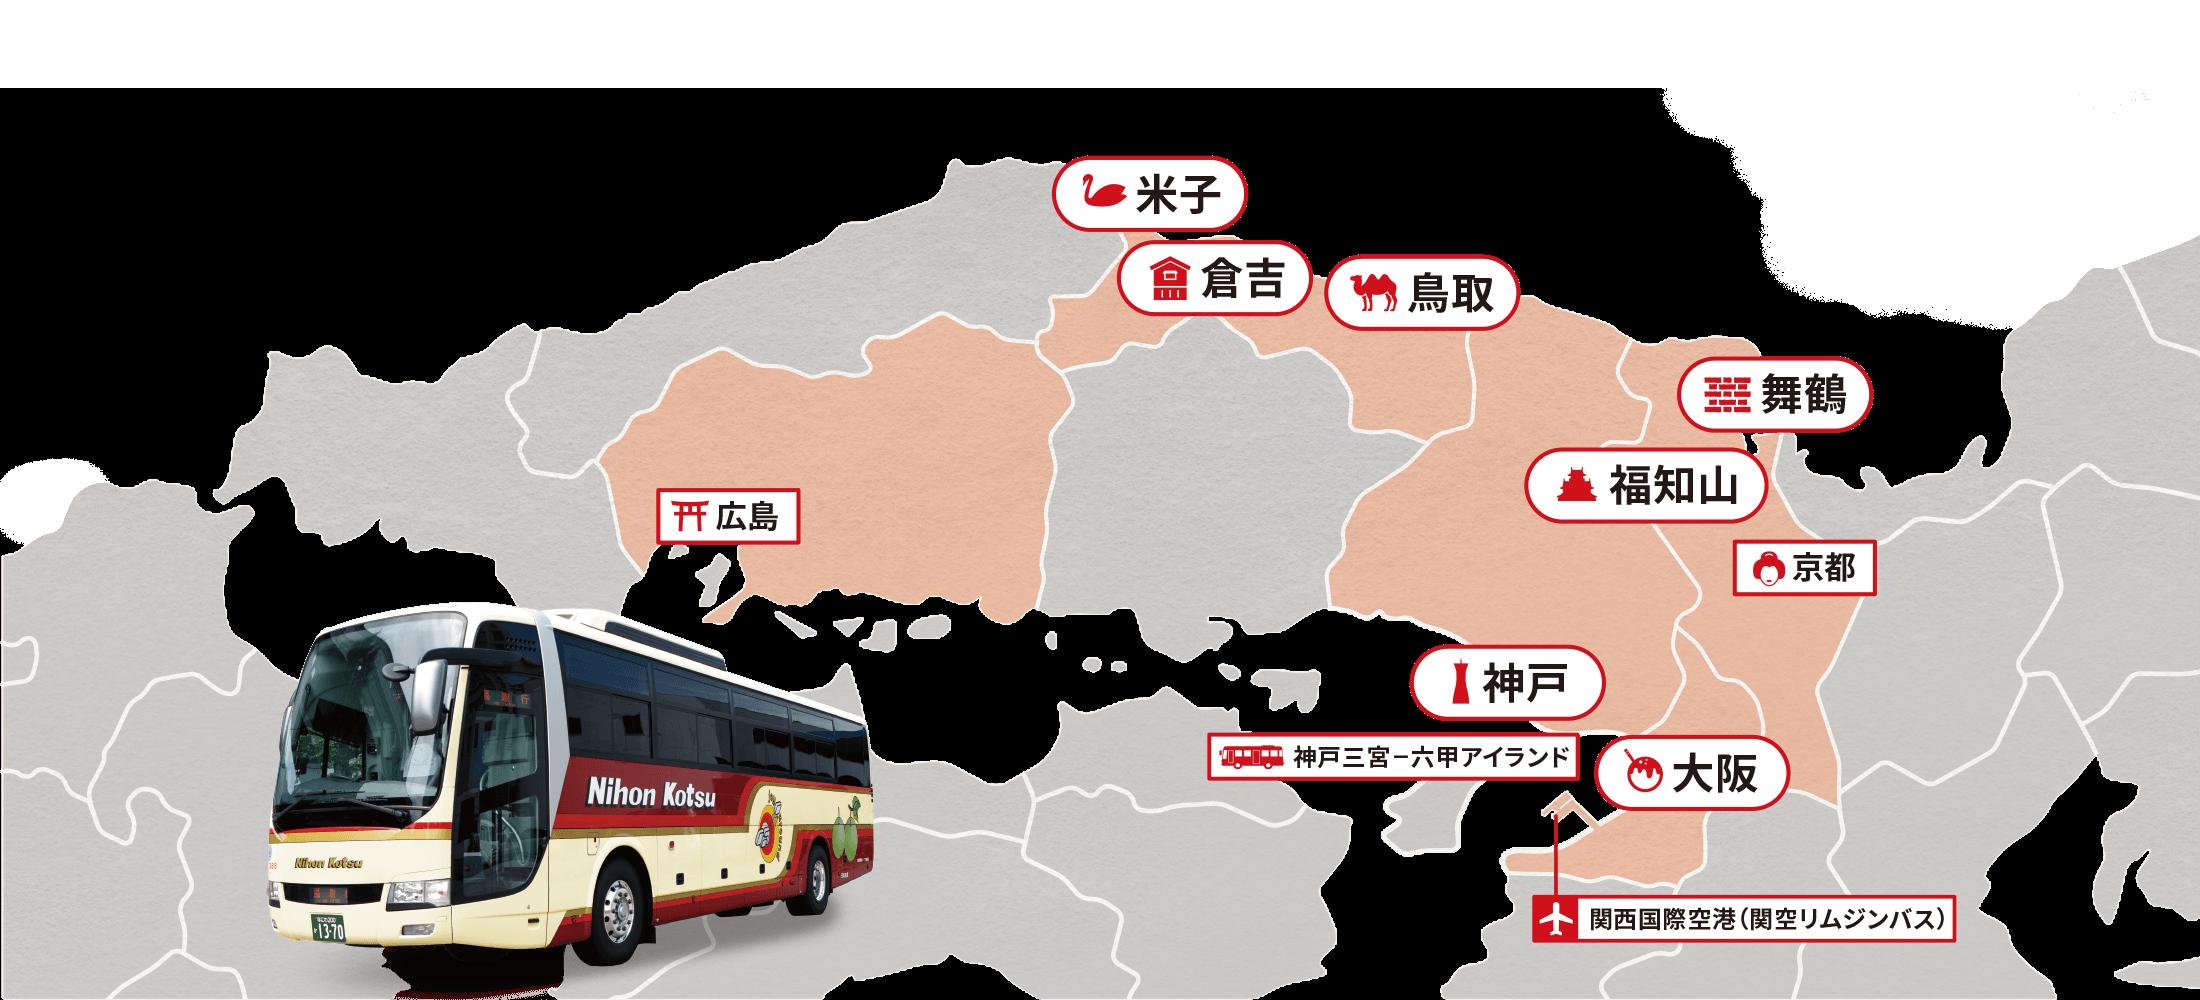 高速バストップ 日本交通株式会社 大阪・鳥取・福知山・舞鶴でバス ...